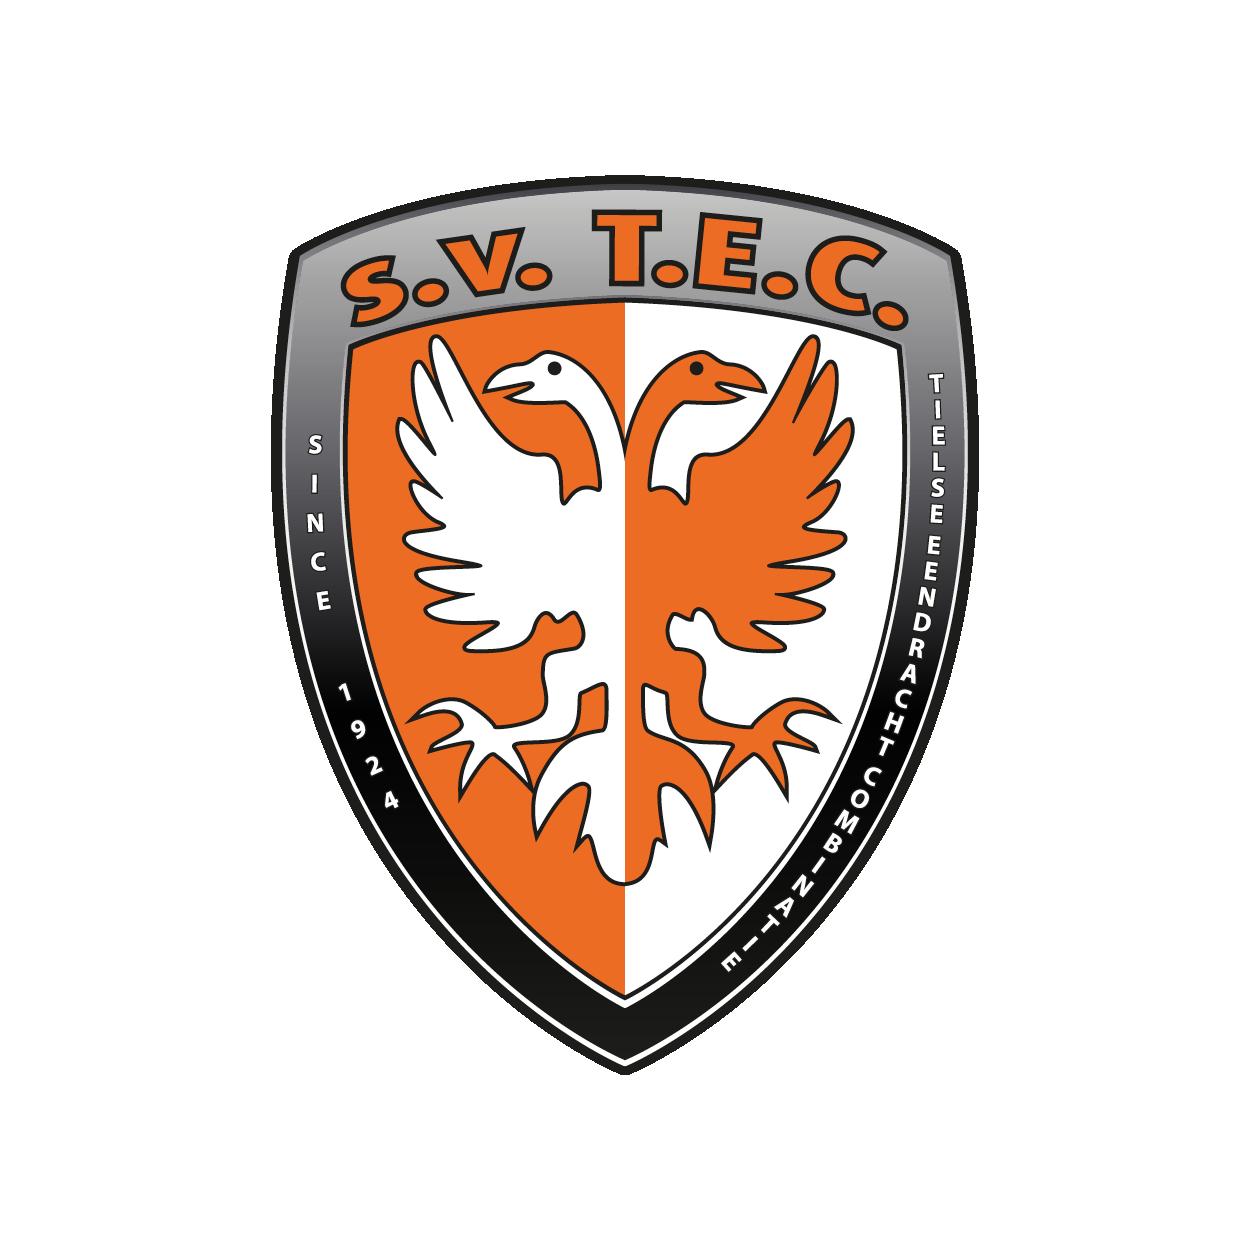 S.V. T.E.C.